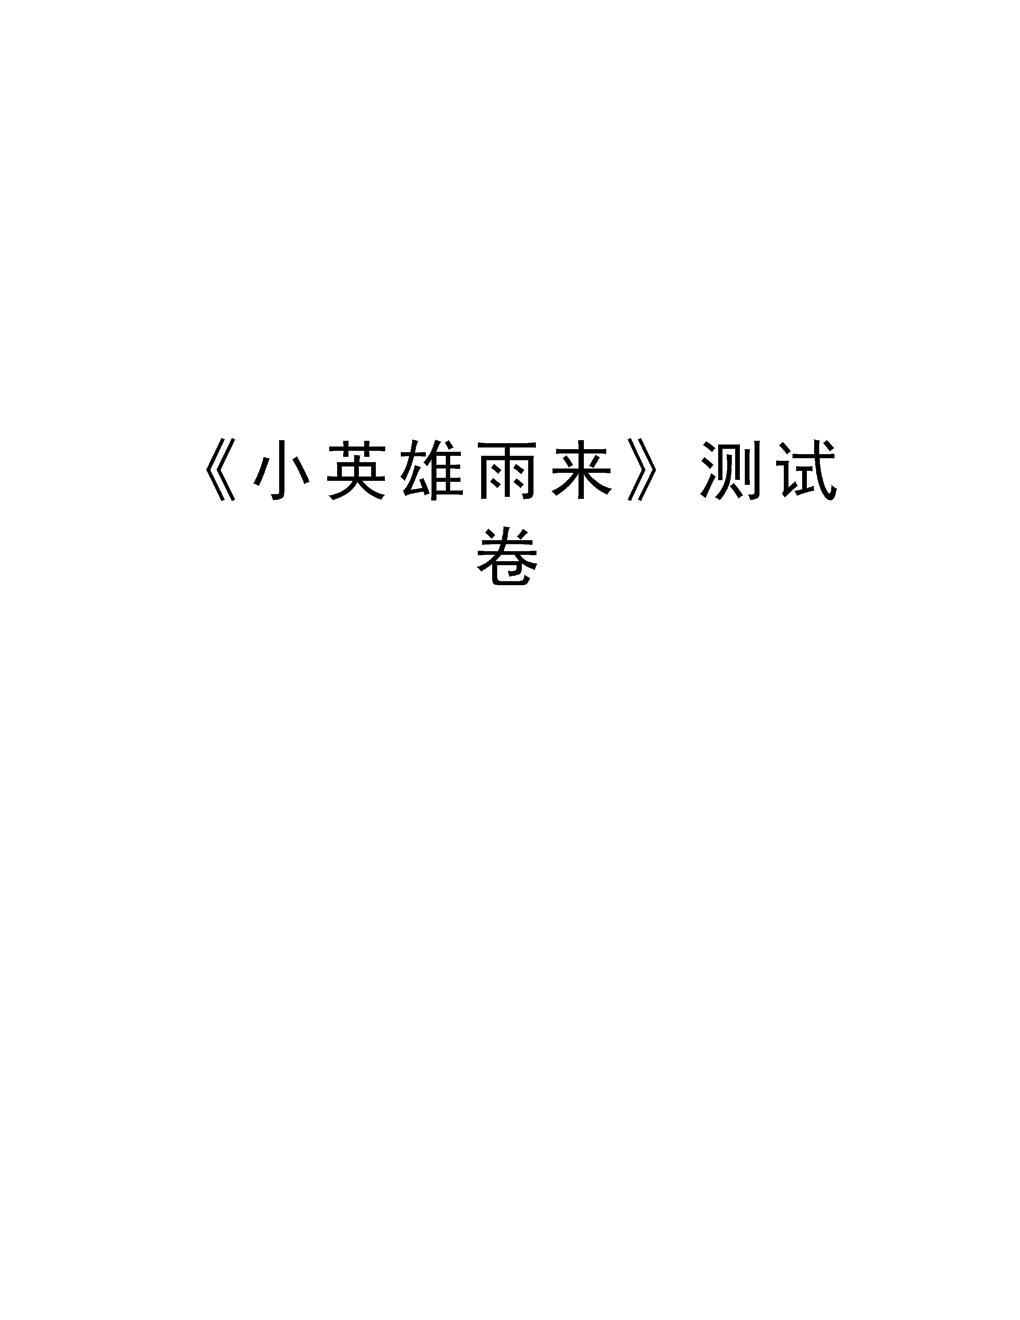 《小英雄雨来》测试卷讲解学习.doc